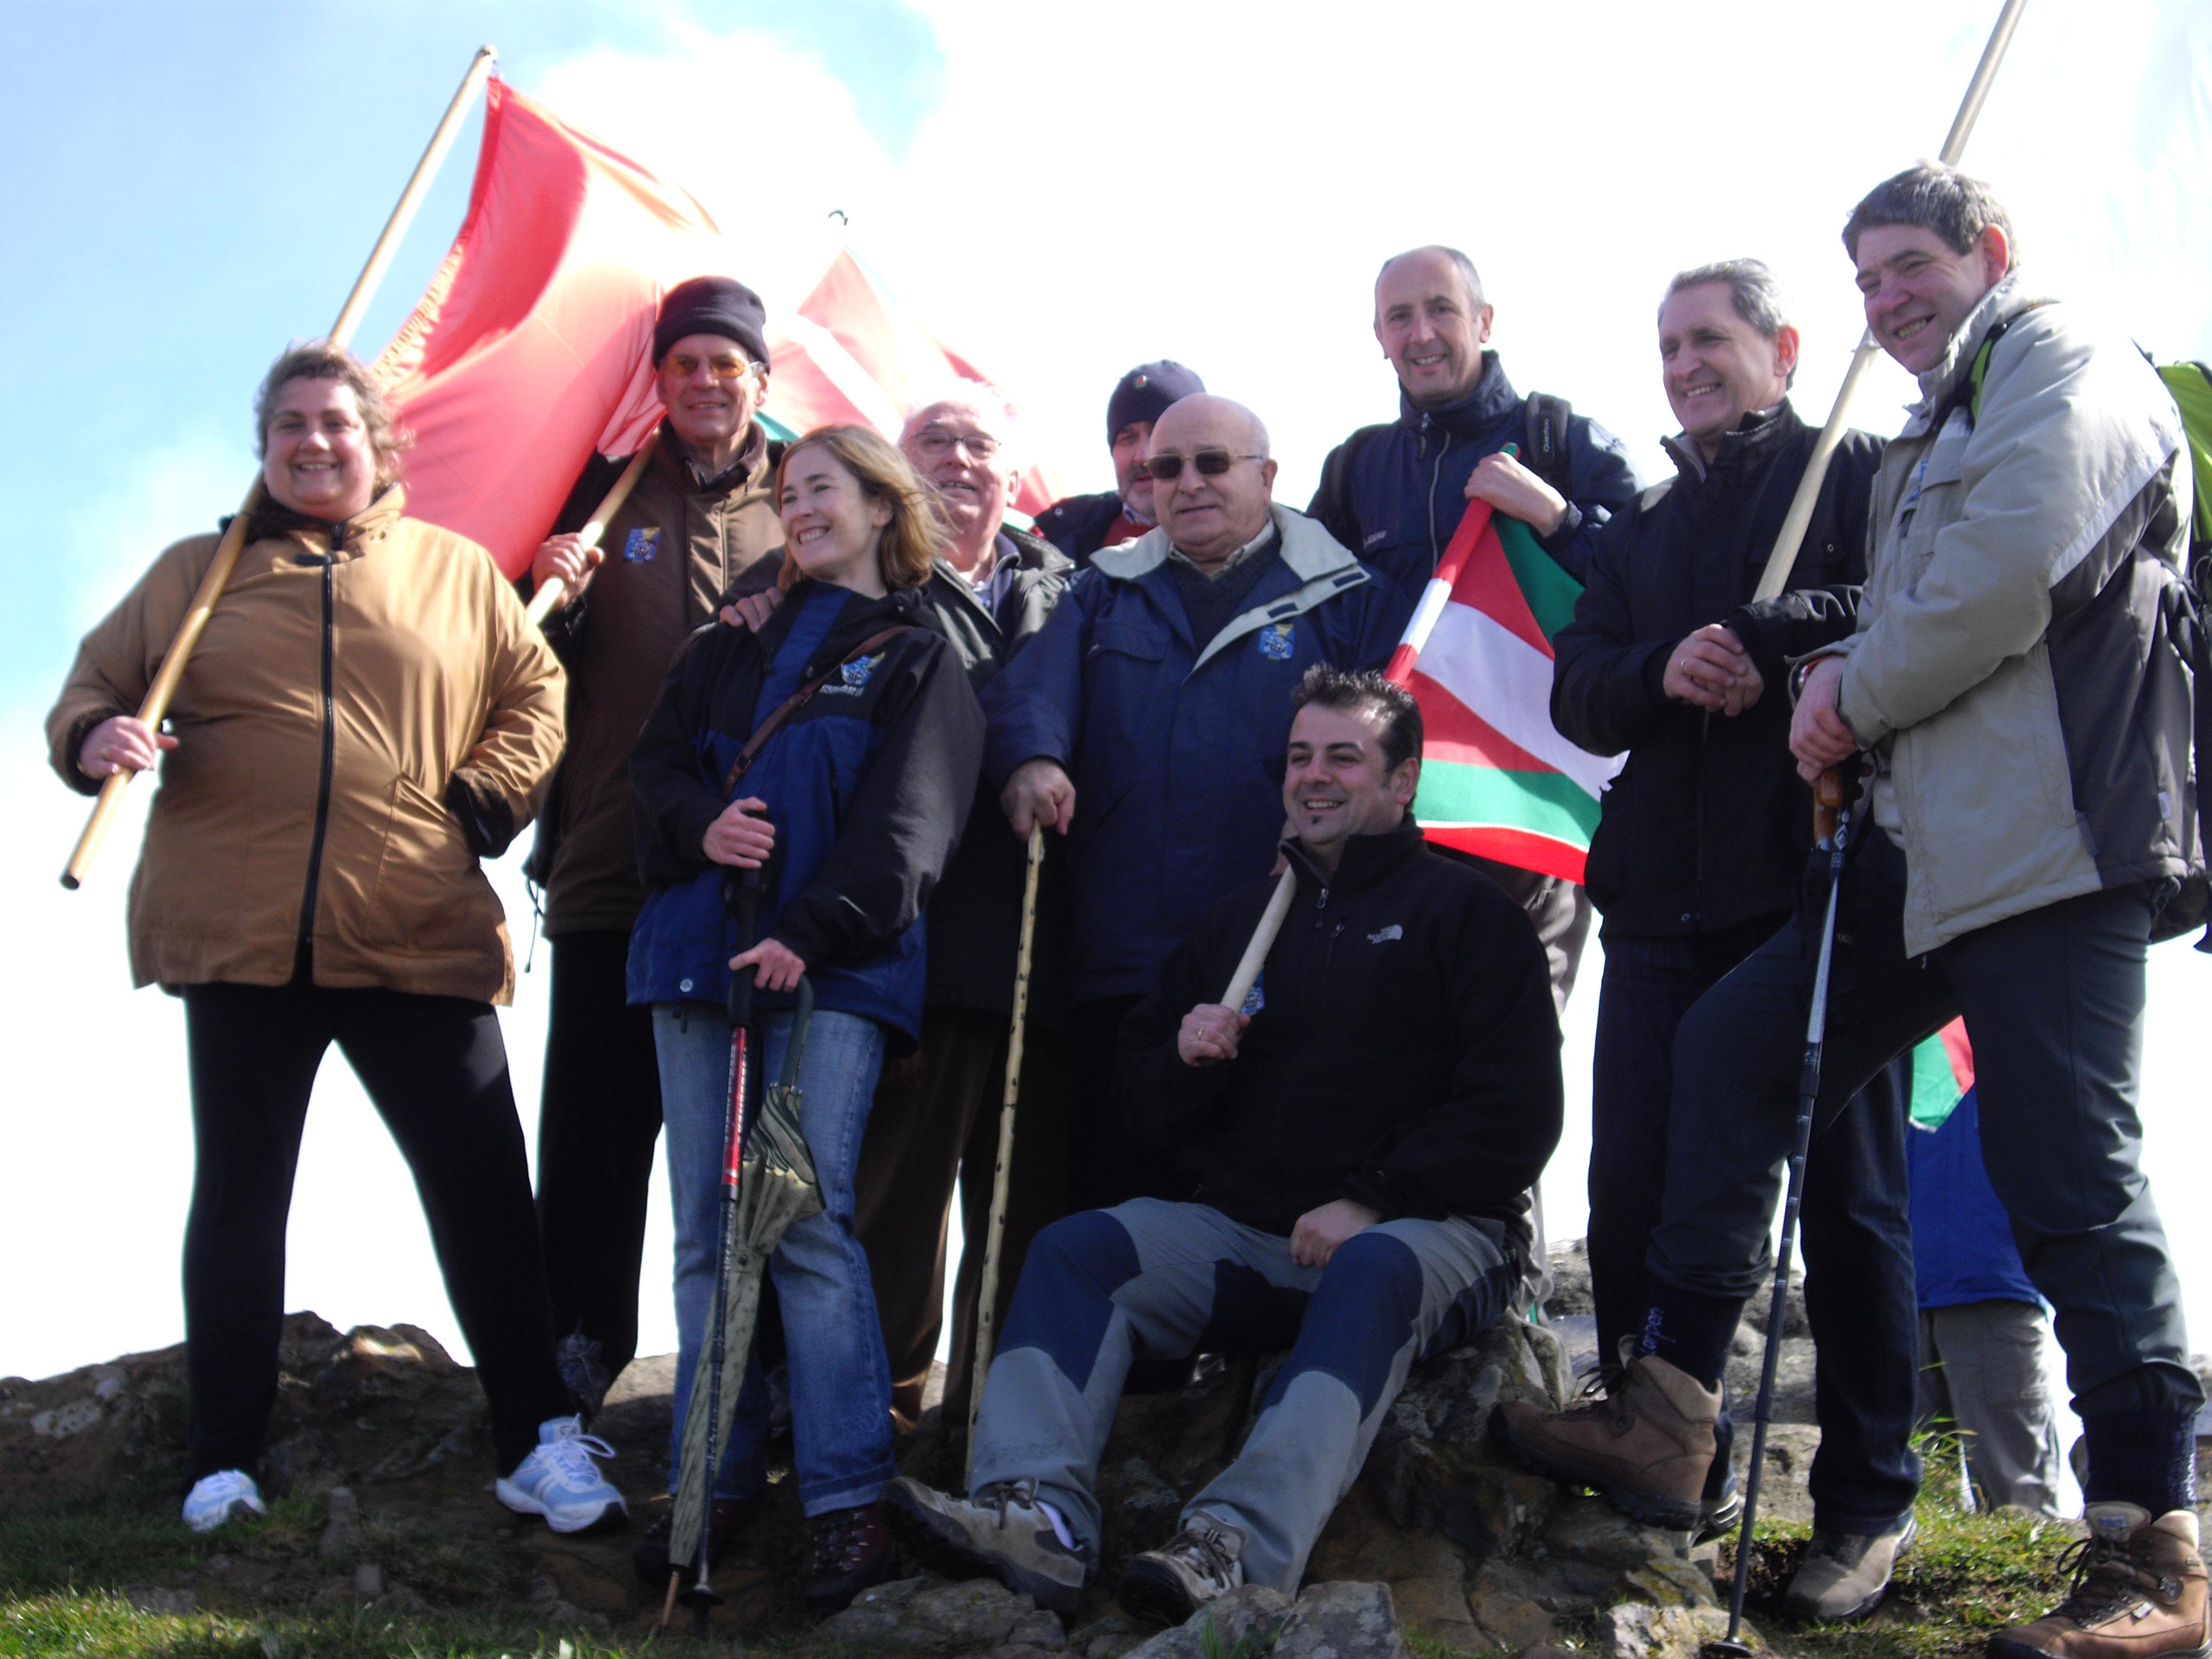 Gaur, Jata mendiaren tontorrean, Euskal Herri guztiko udal hautatuekin, Euskadi, gure Aberria aldarrikatzen.